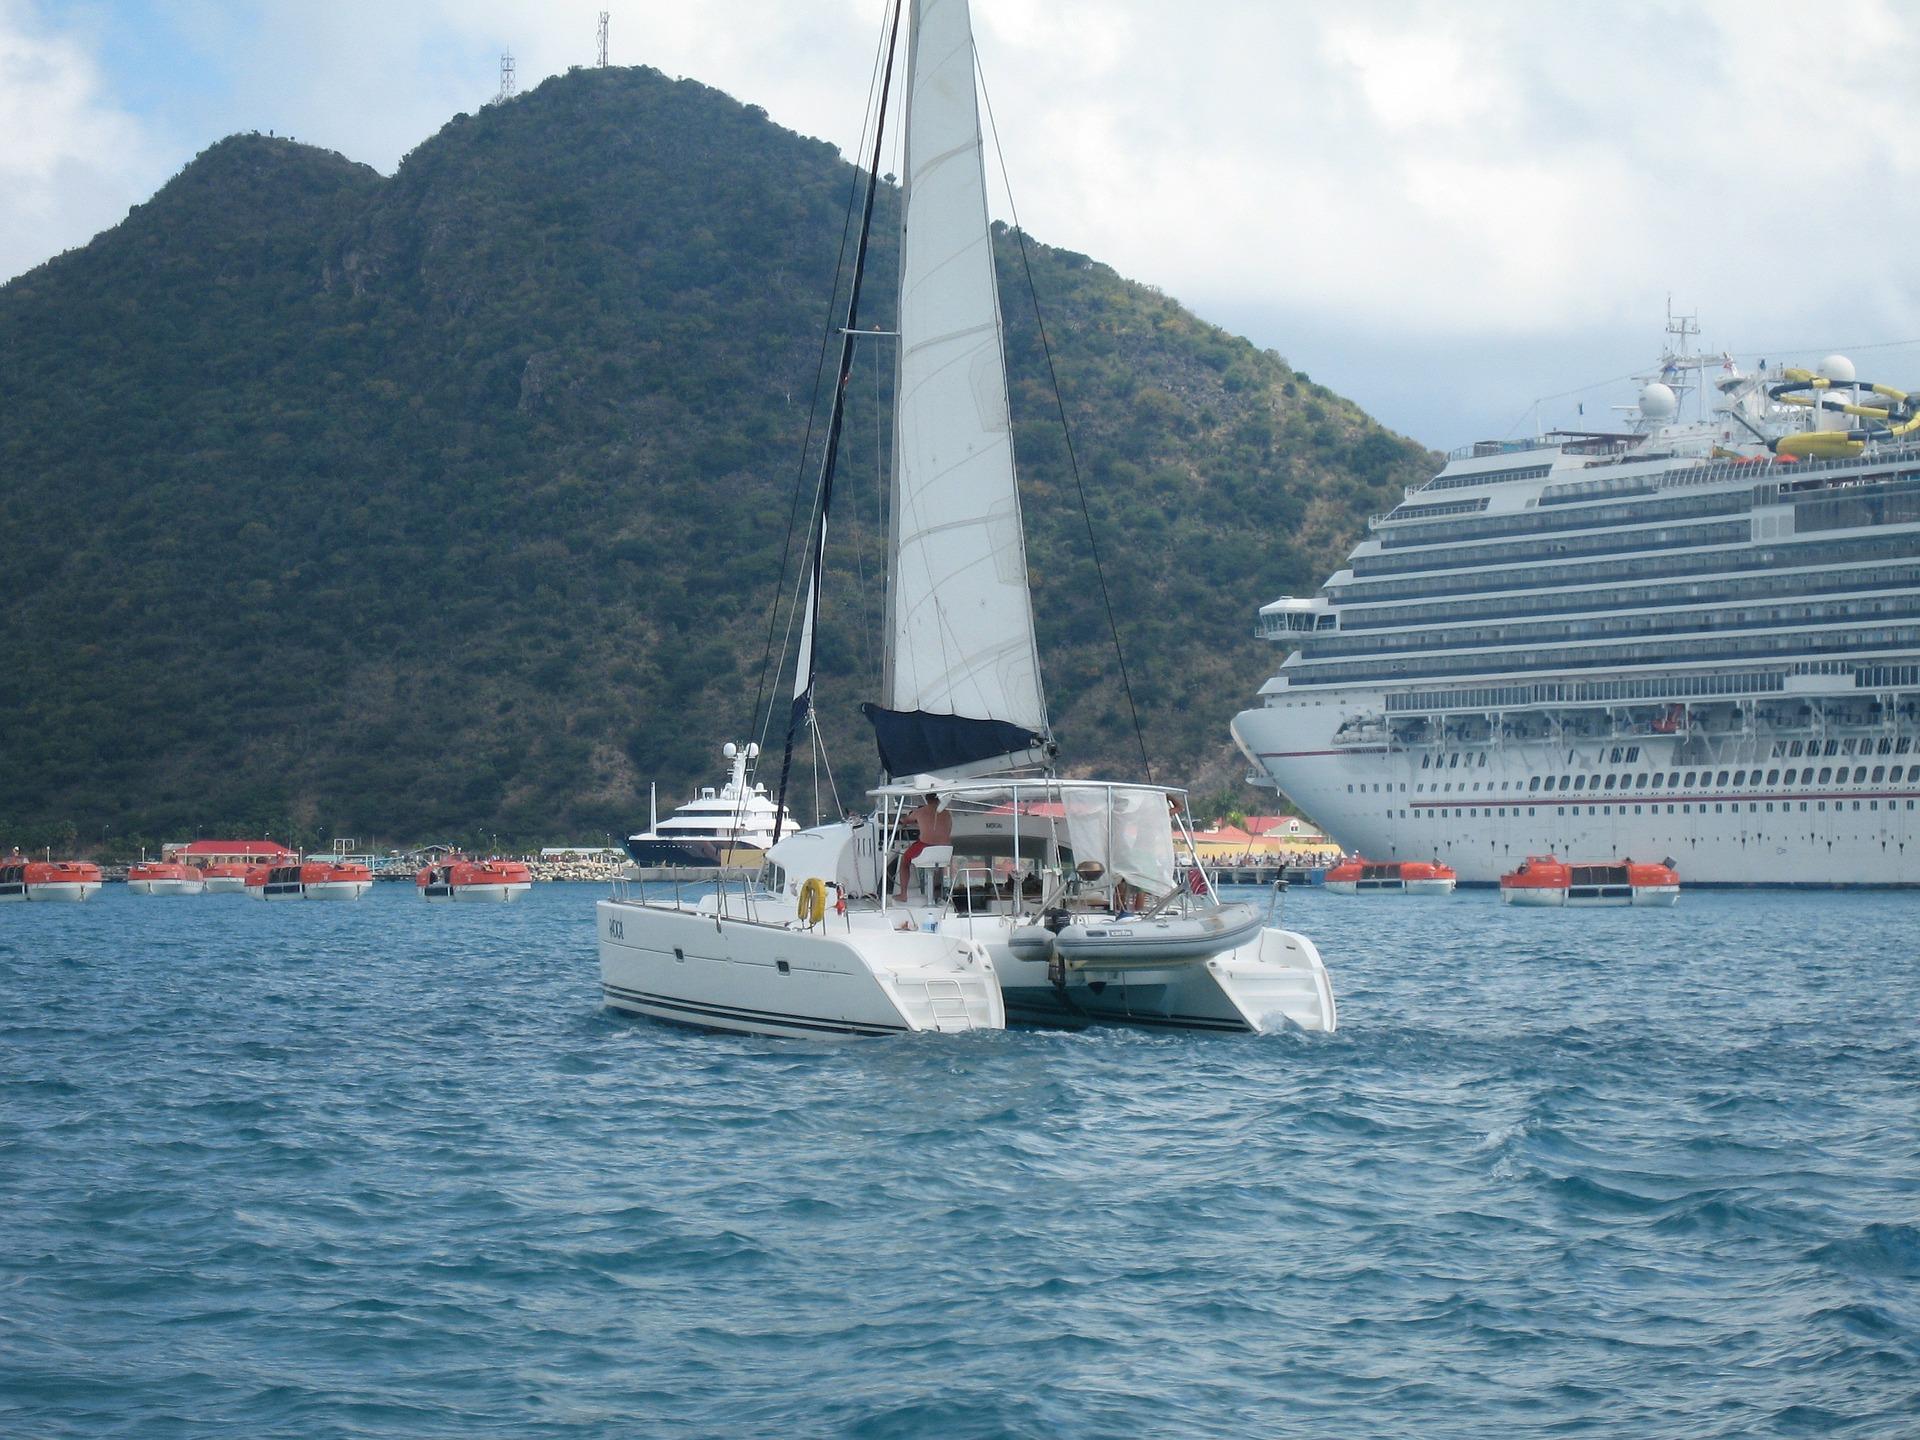 Ocean liner or catamaran